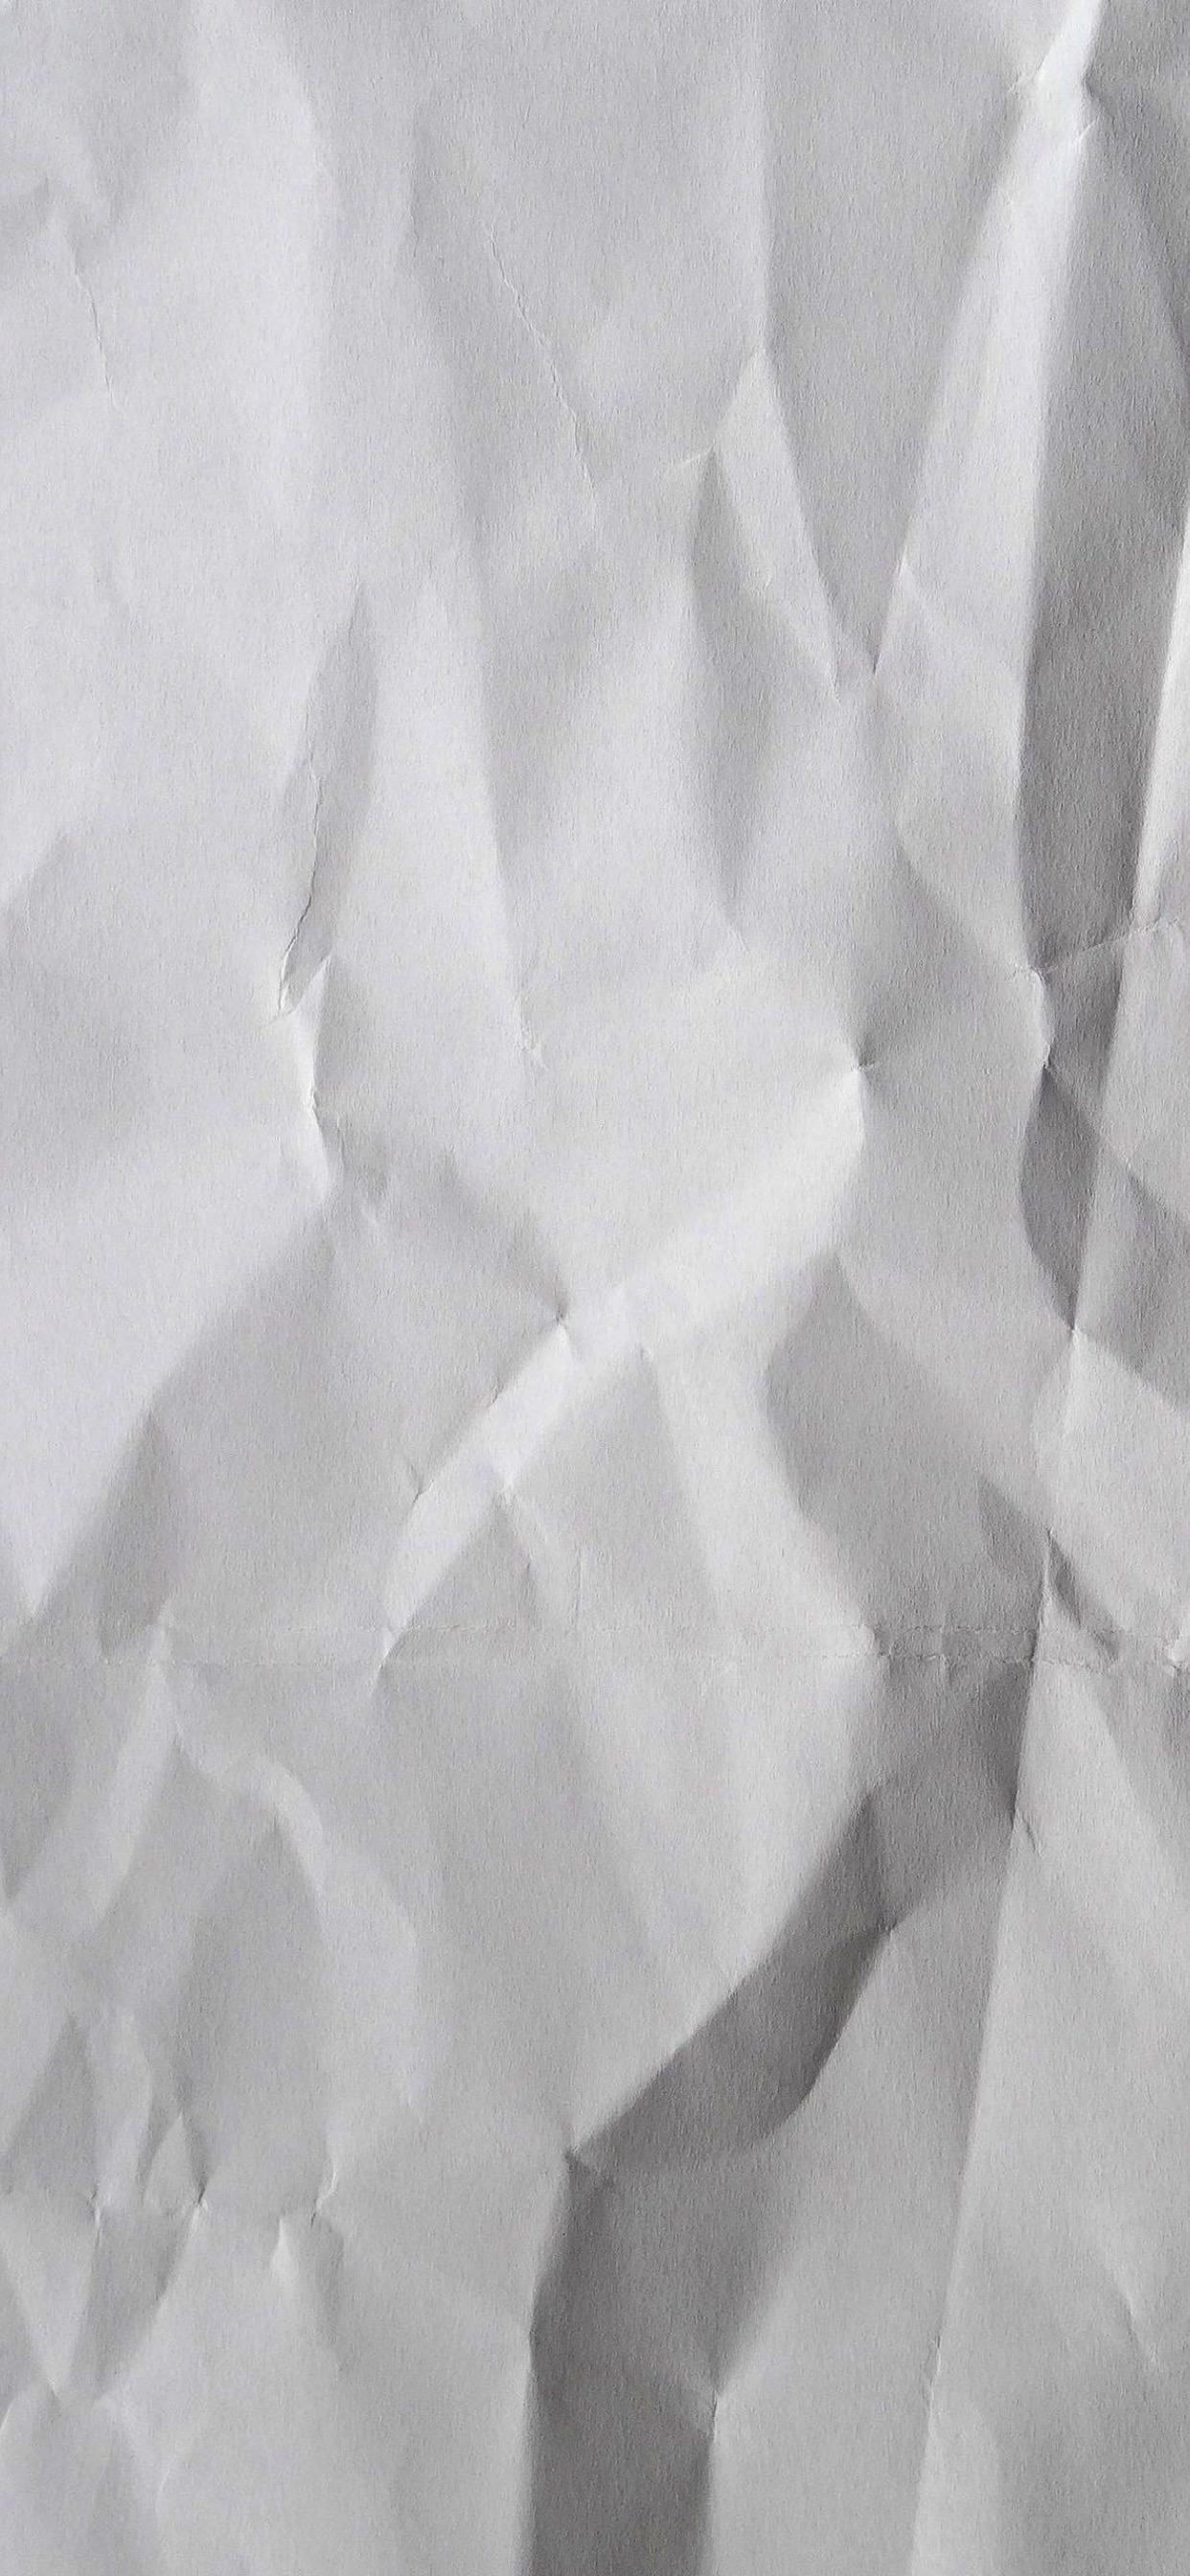 テクスチャ紙白しわ Wallpaper Sc Iphone Xs Max壁紙